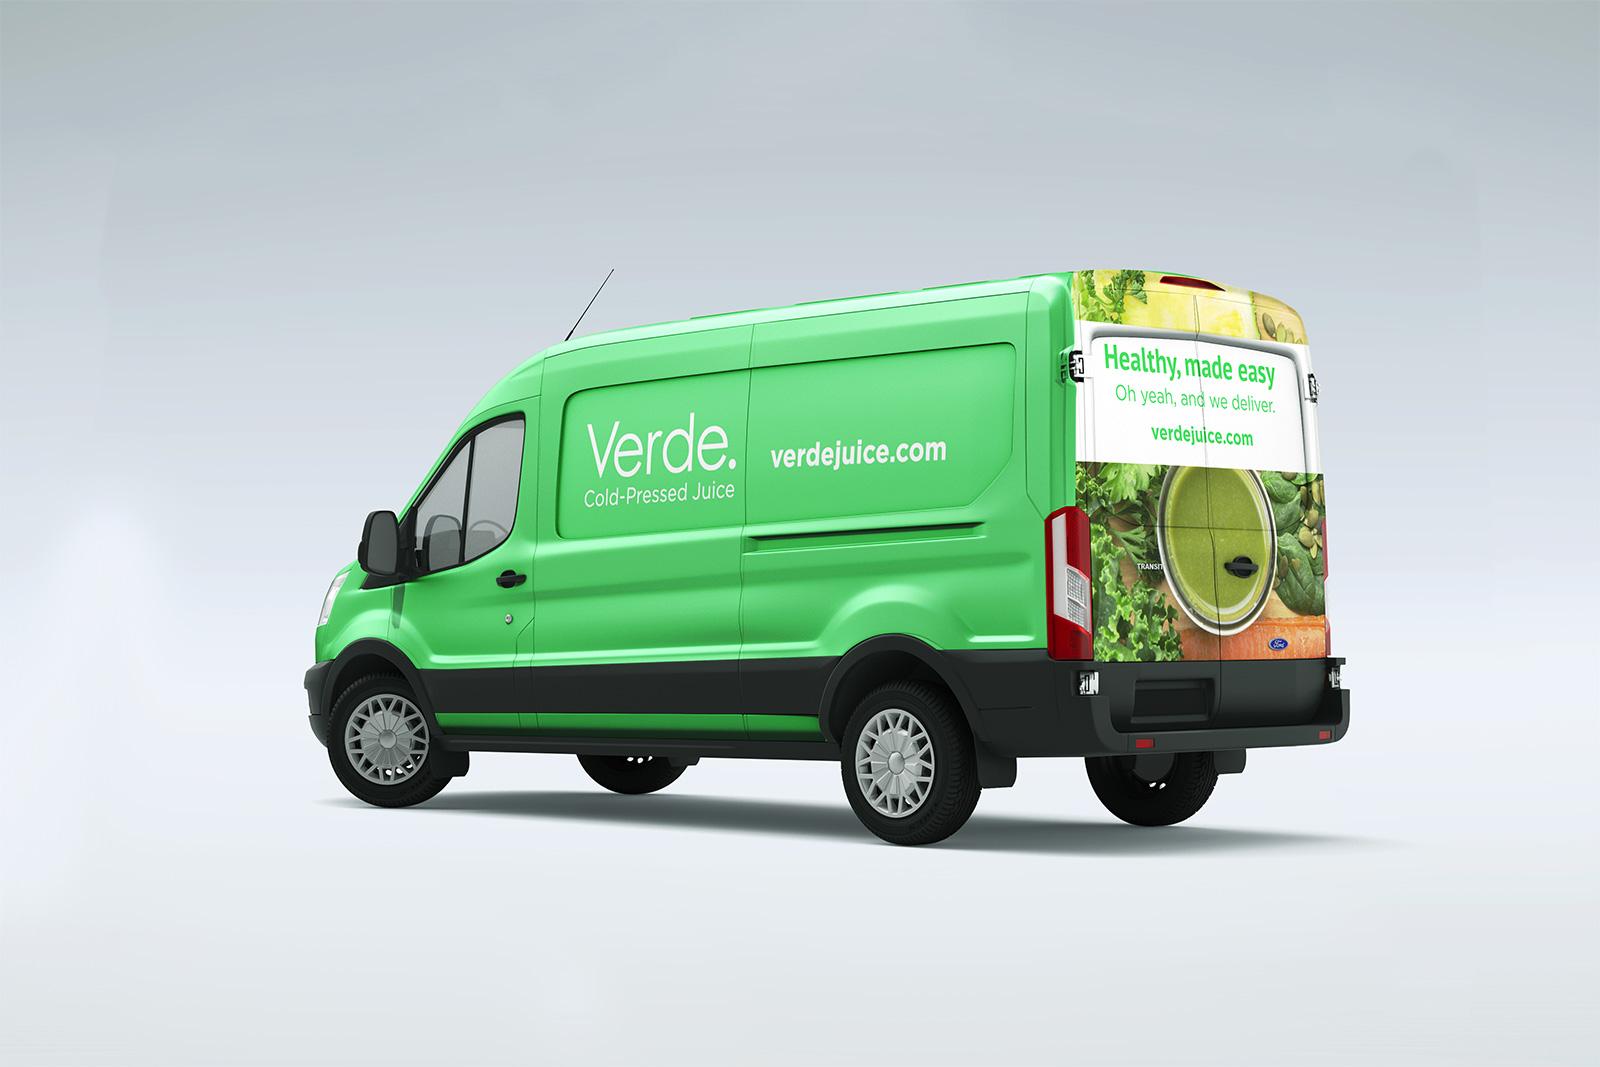 Verde_Van